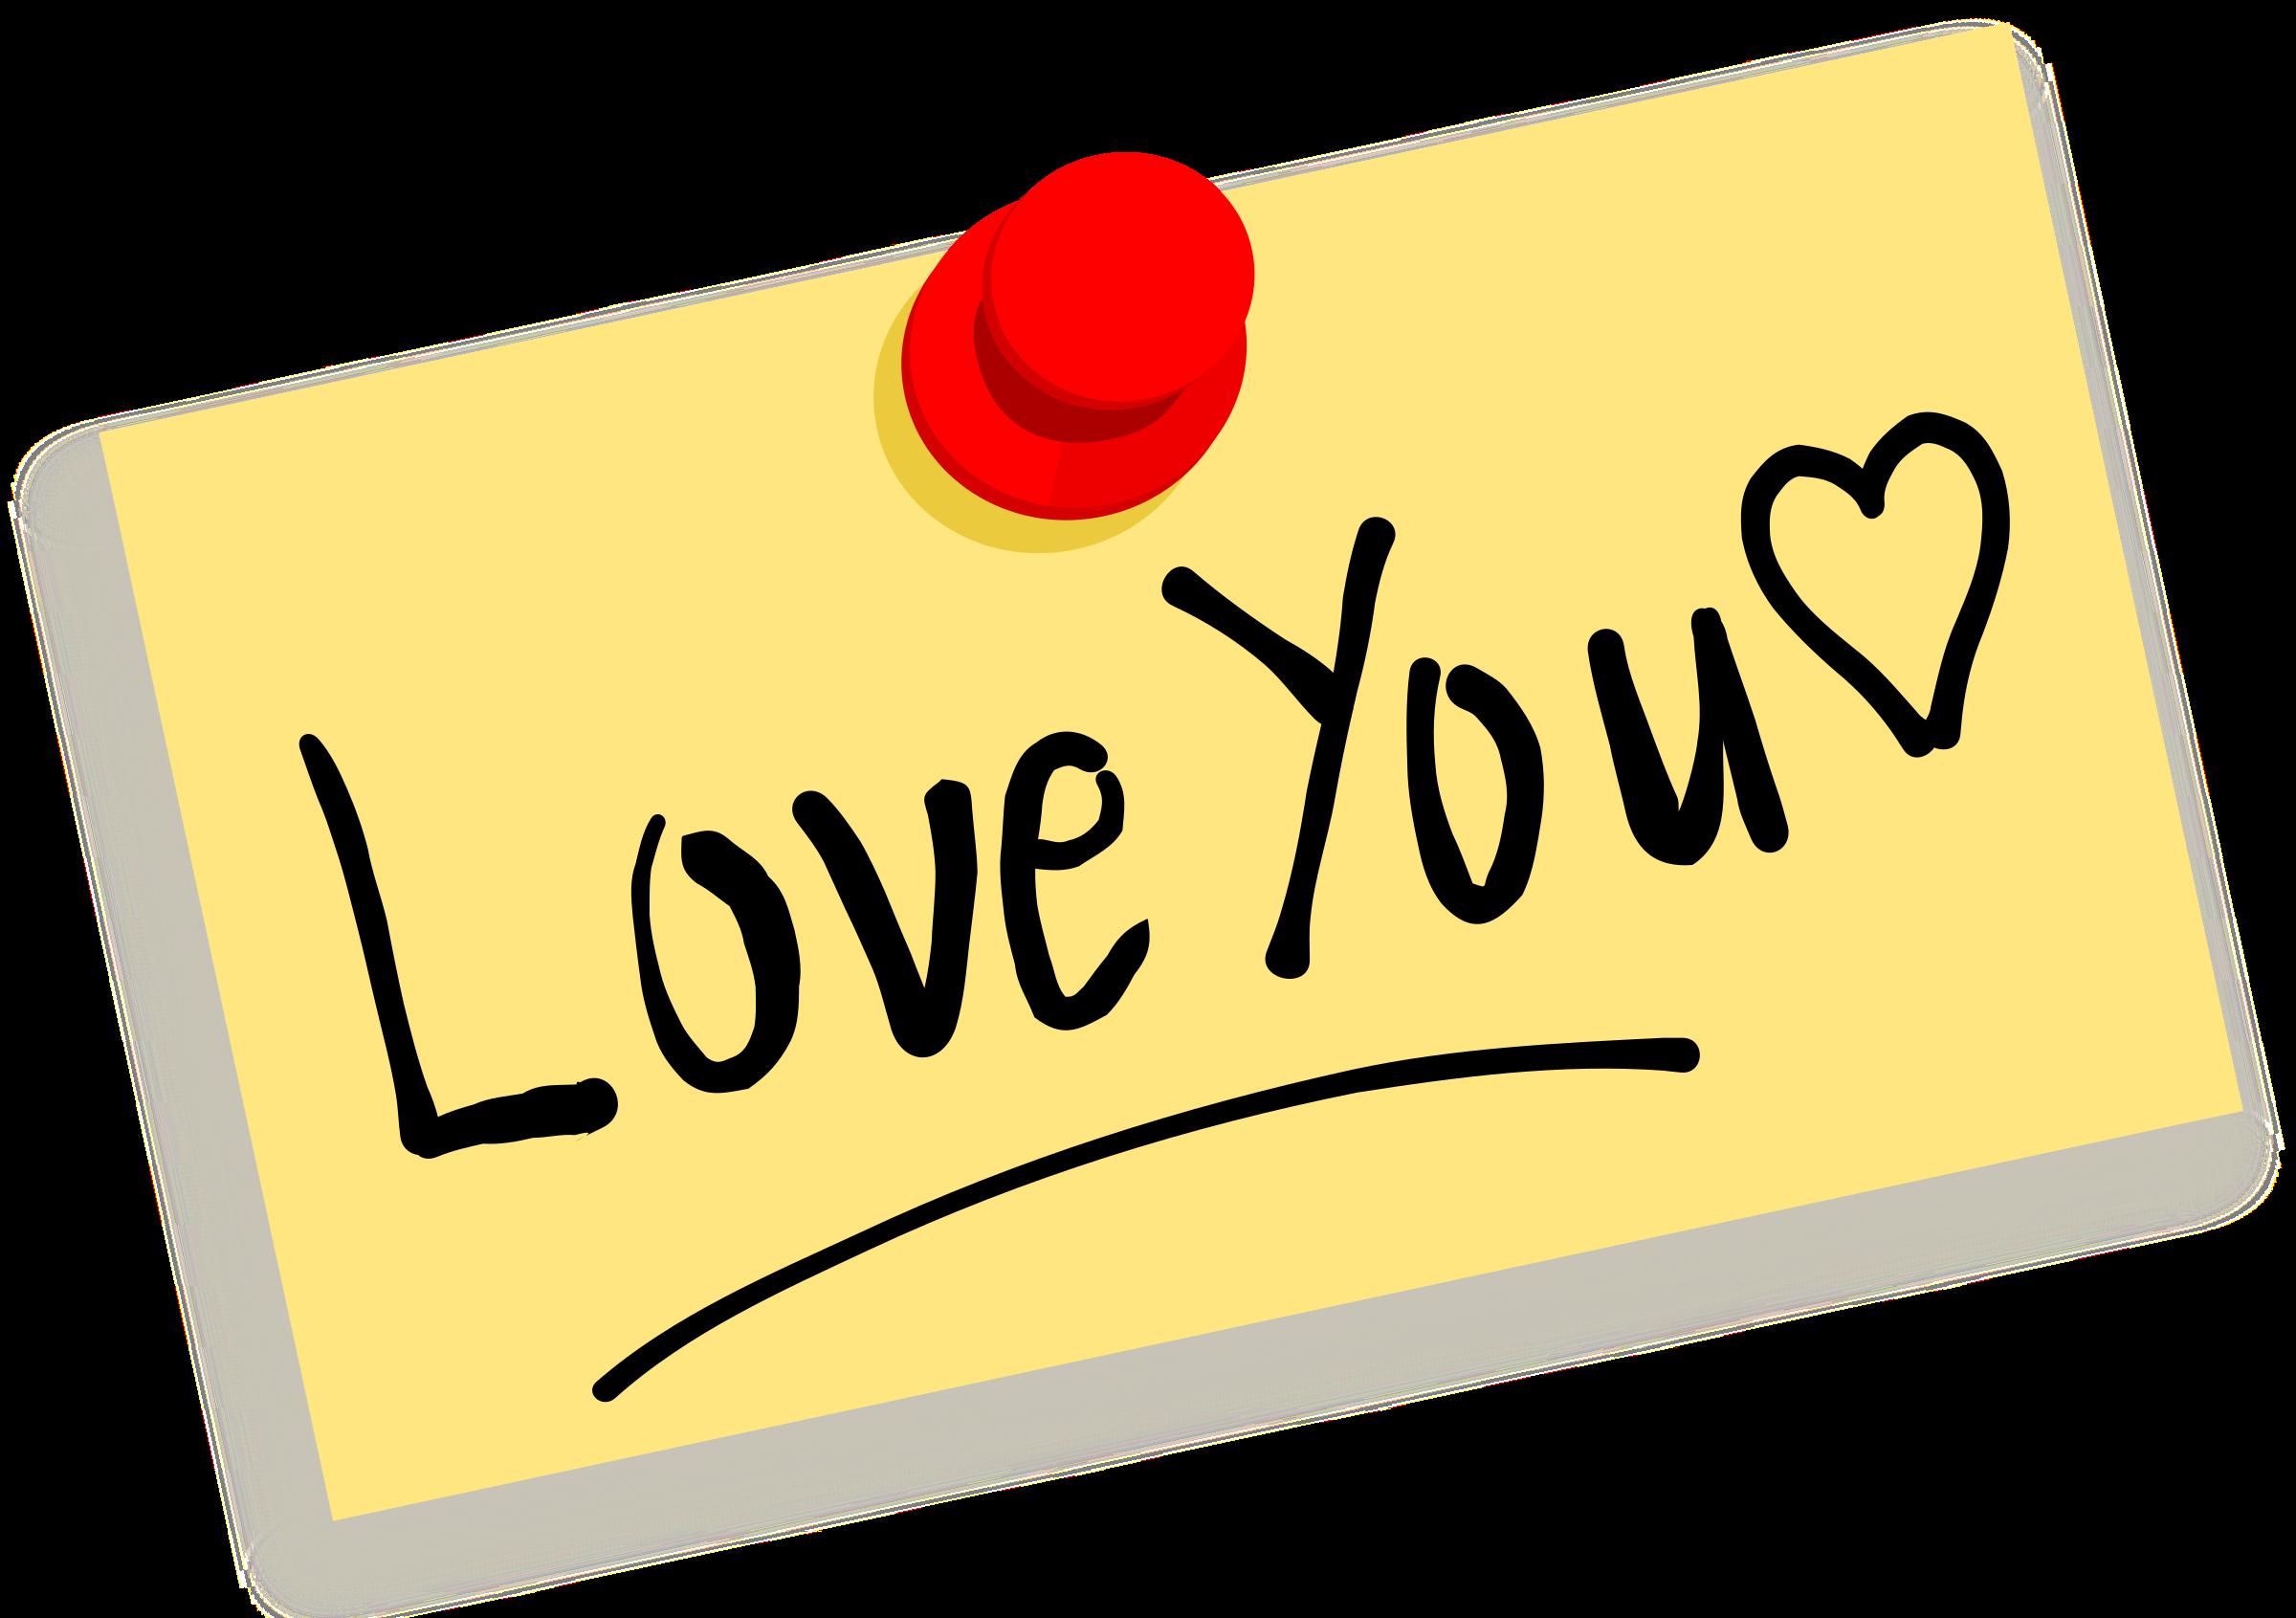 Love Desktop Images